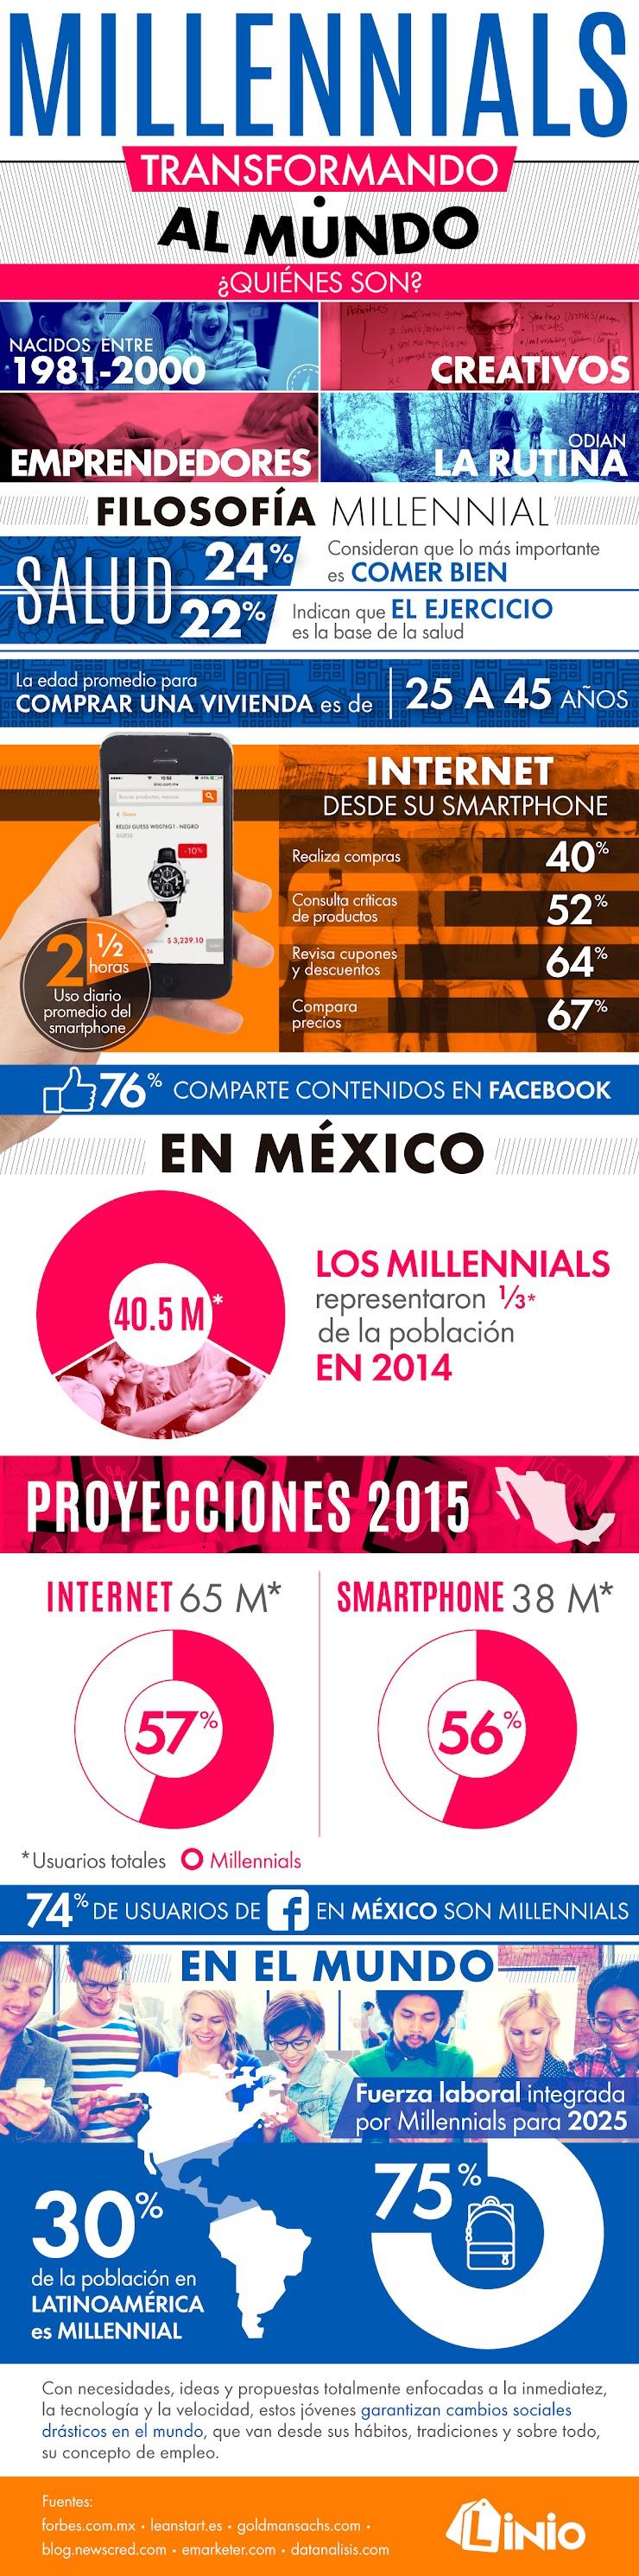 Infografía sobre los Millennials